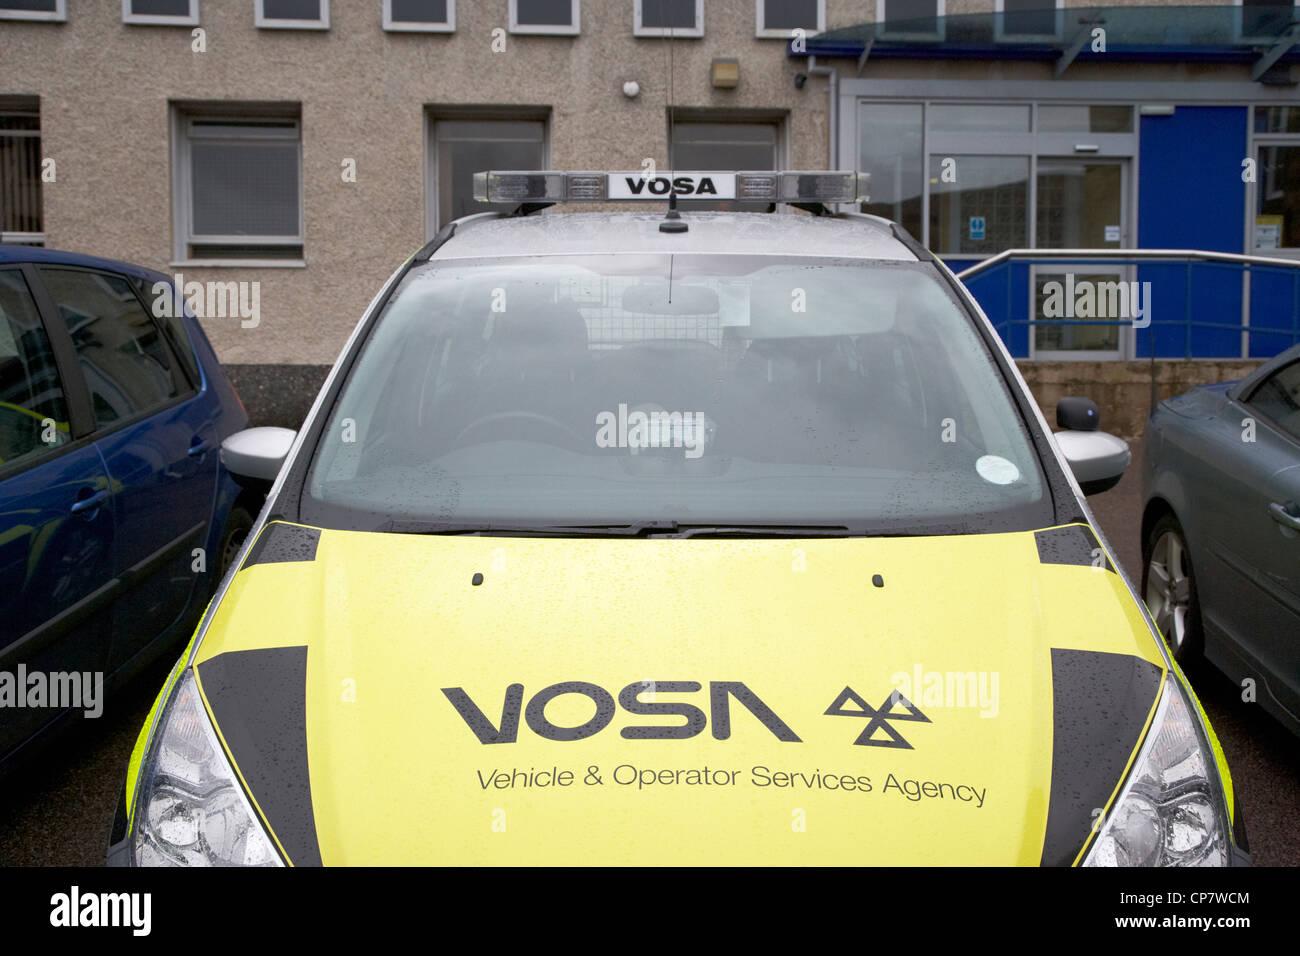 Vosa Vehicle And Operator Services Agency Vehicle Logo Scotland Uk